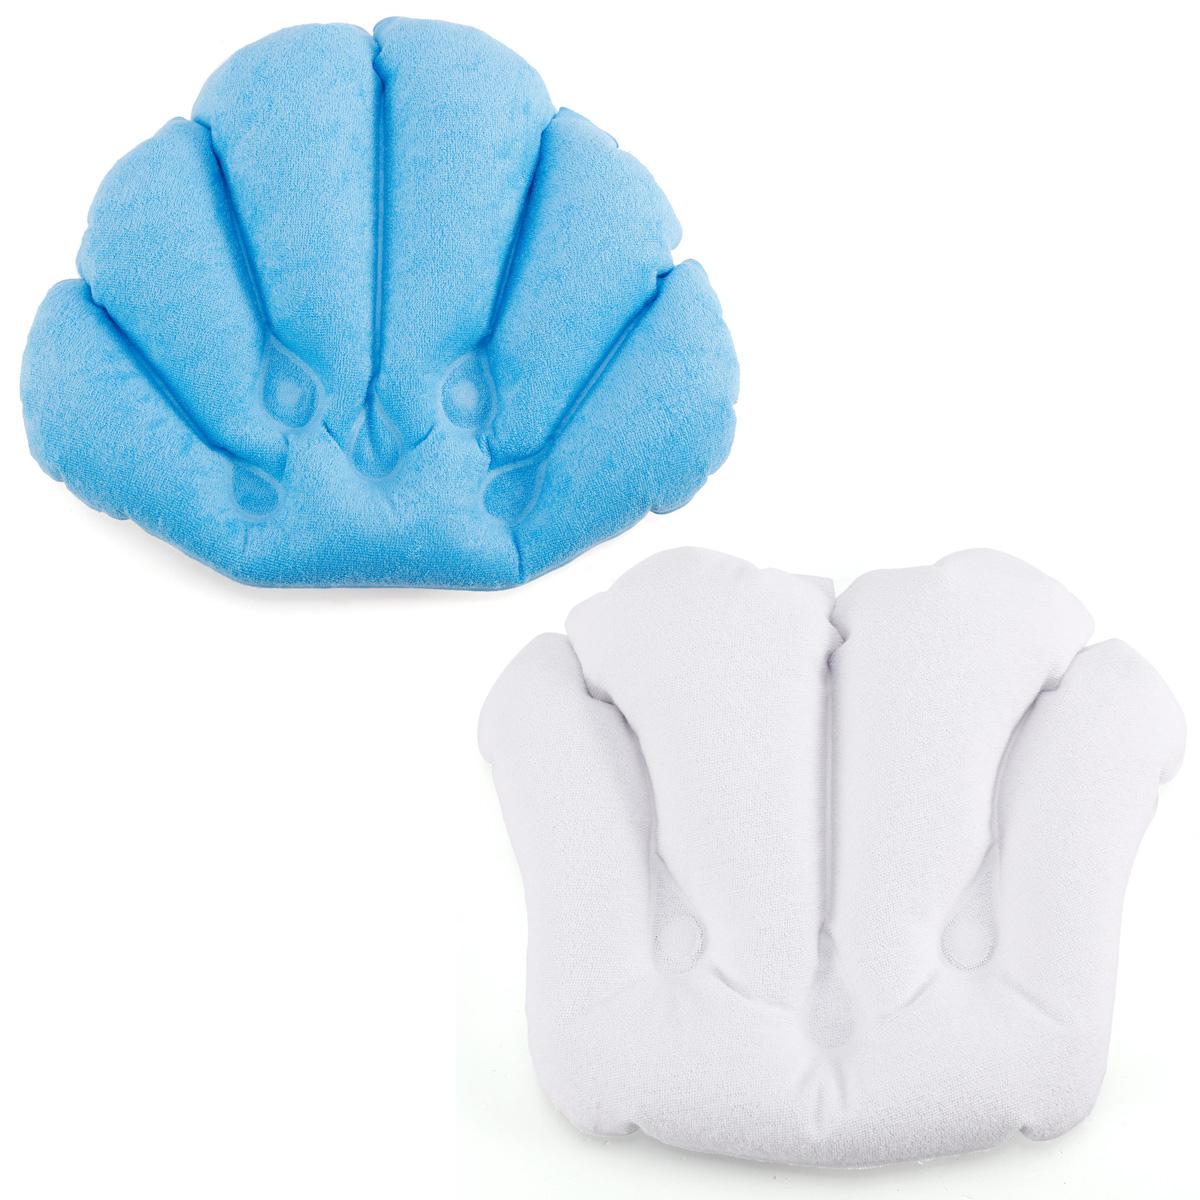 oreiller de bain gonflable pvc spa baignoire coussin bleu blanc ebay. Black Bedroom Furniture Sets. Home Design Ideas